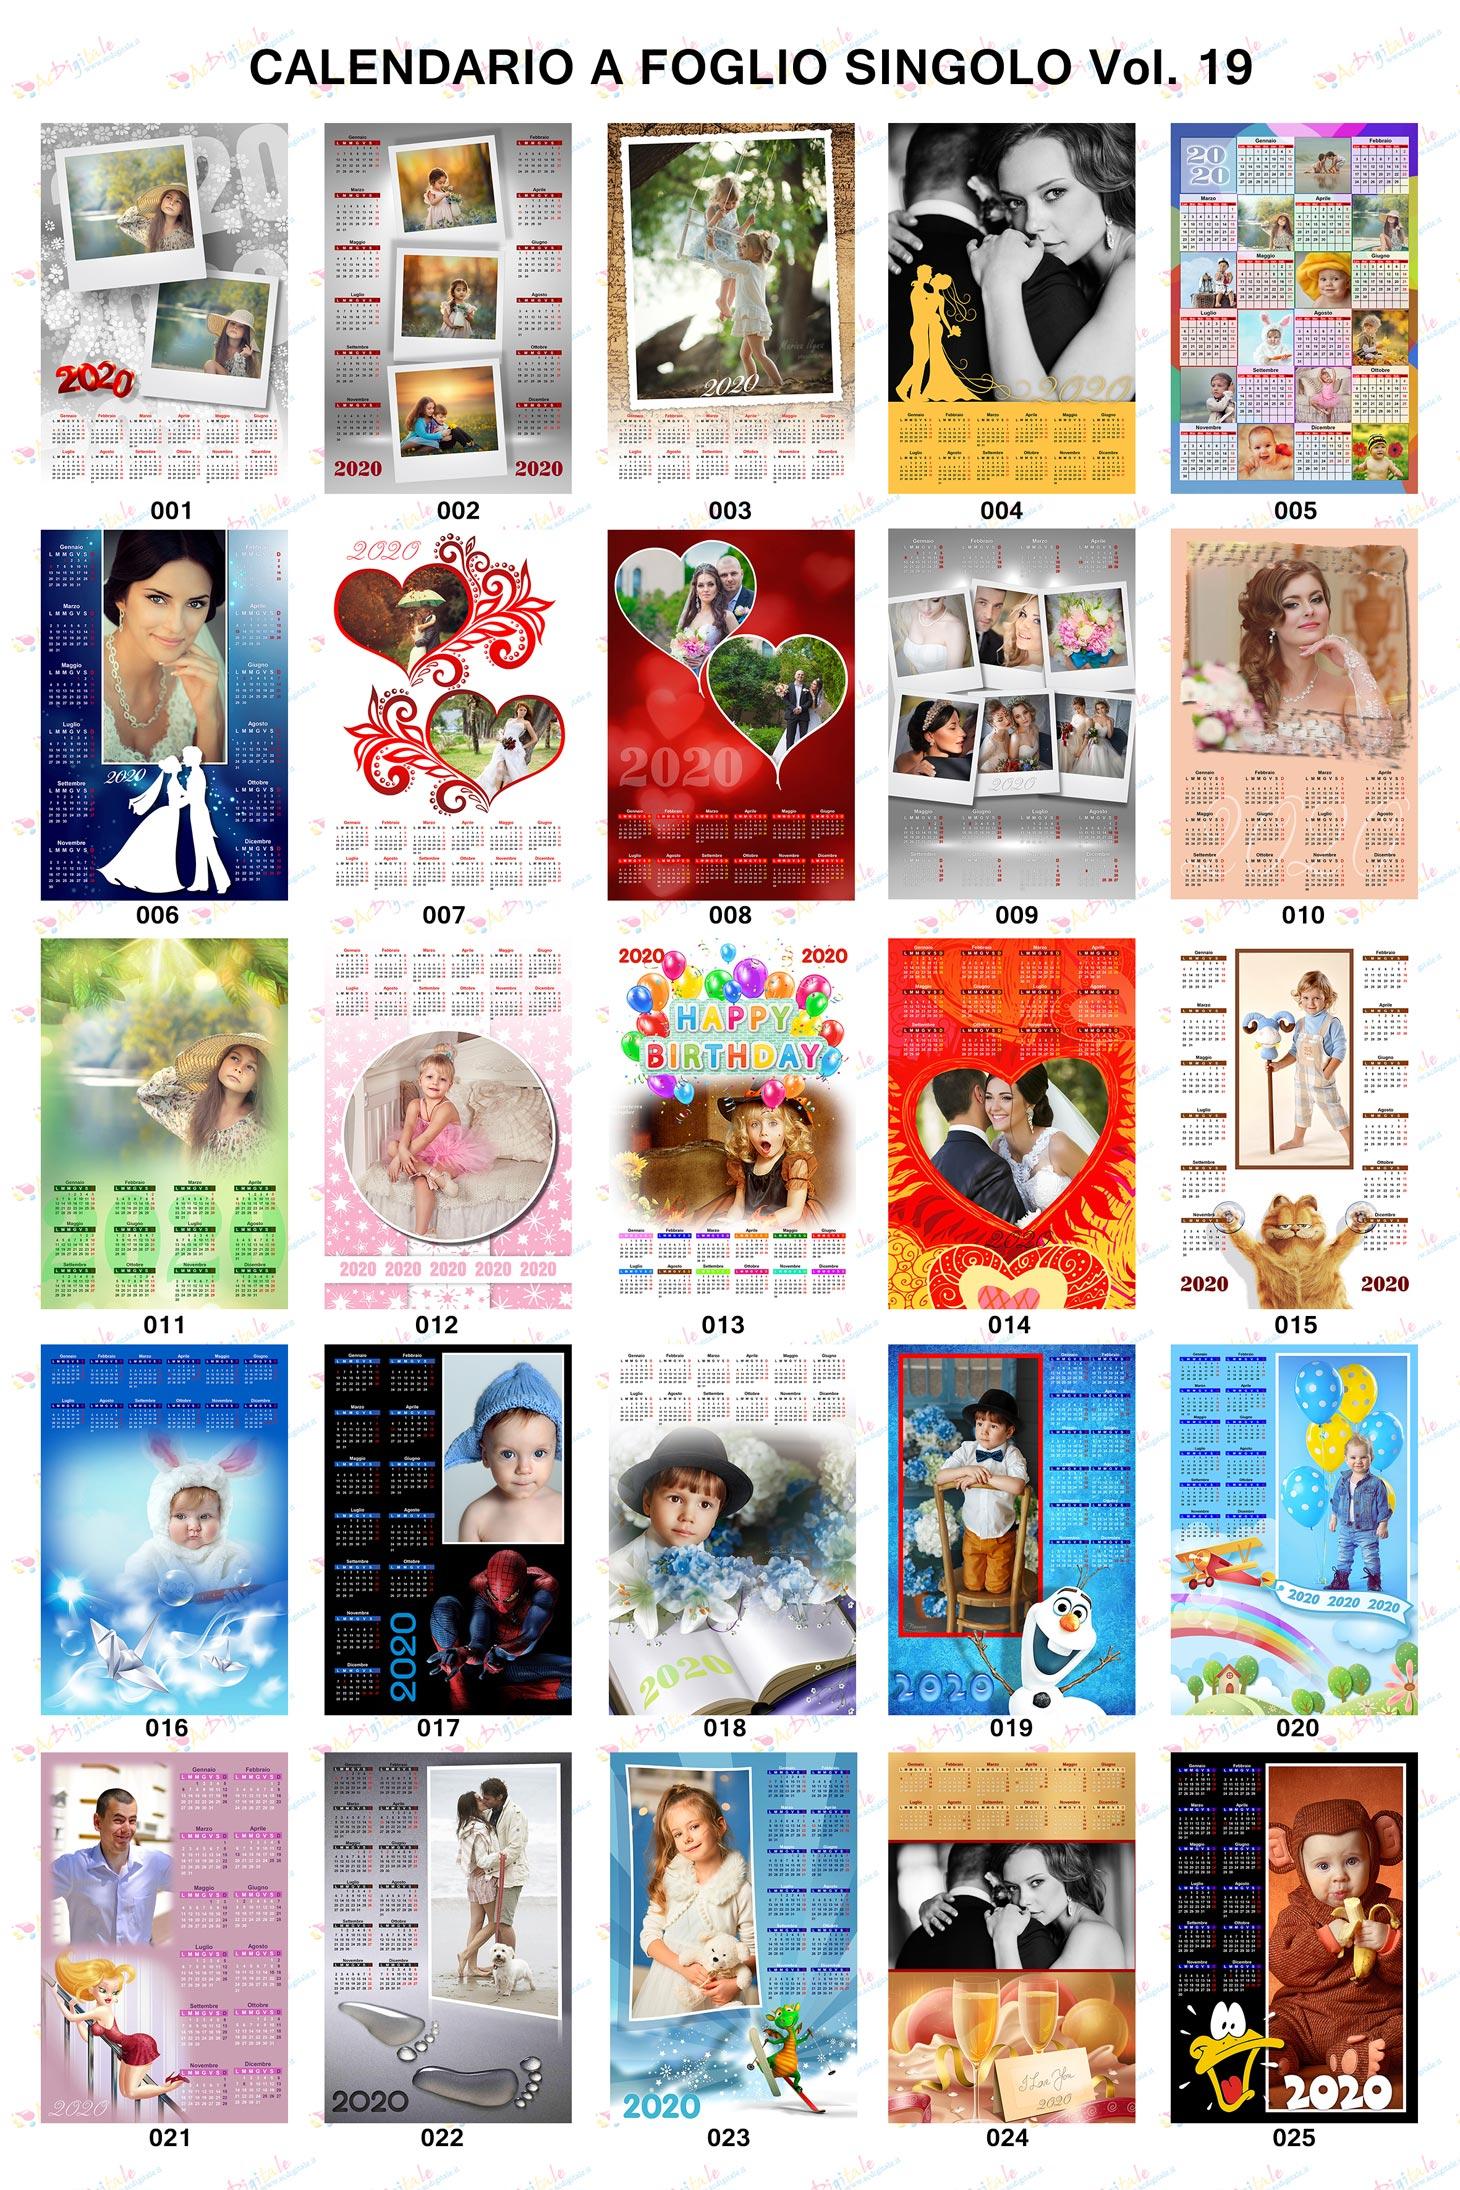 anteprima calendari personalizzati 2020 volume 19